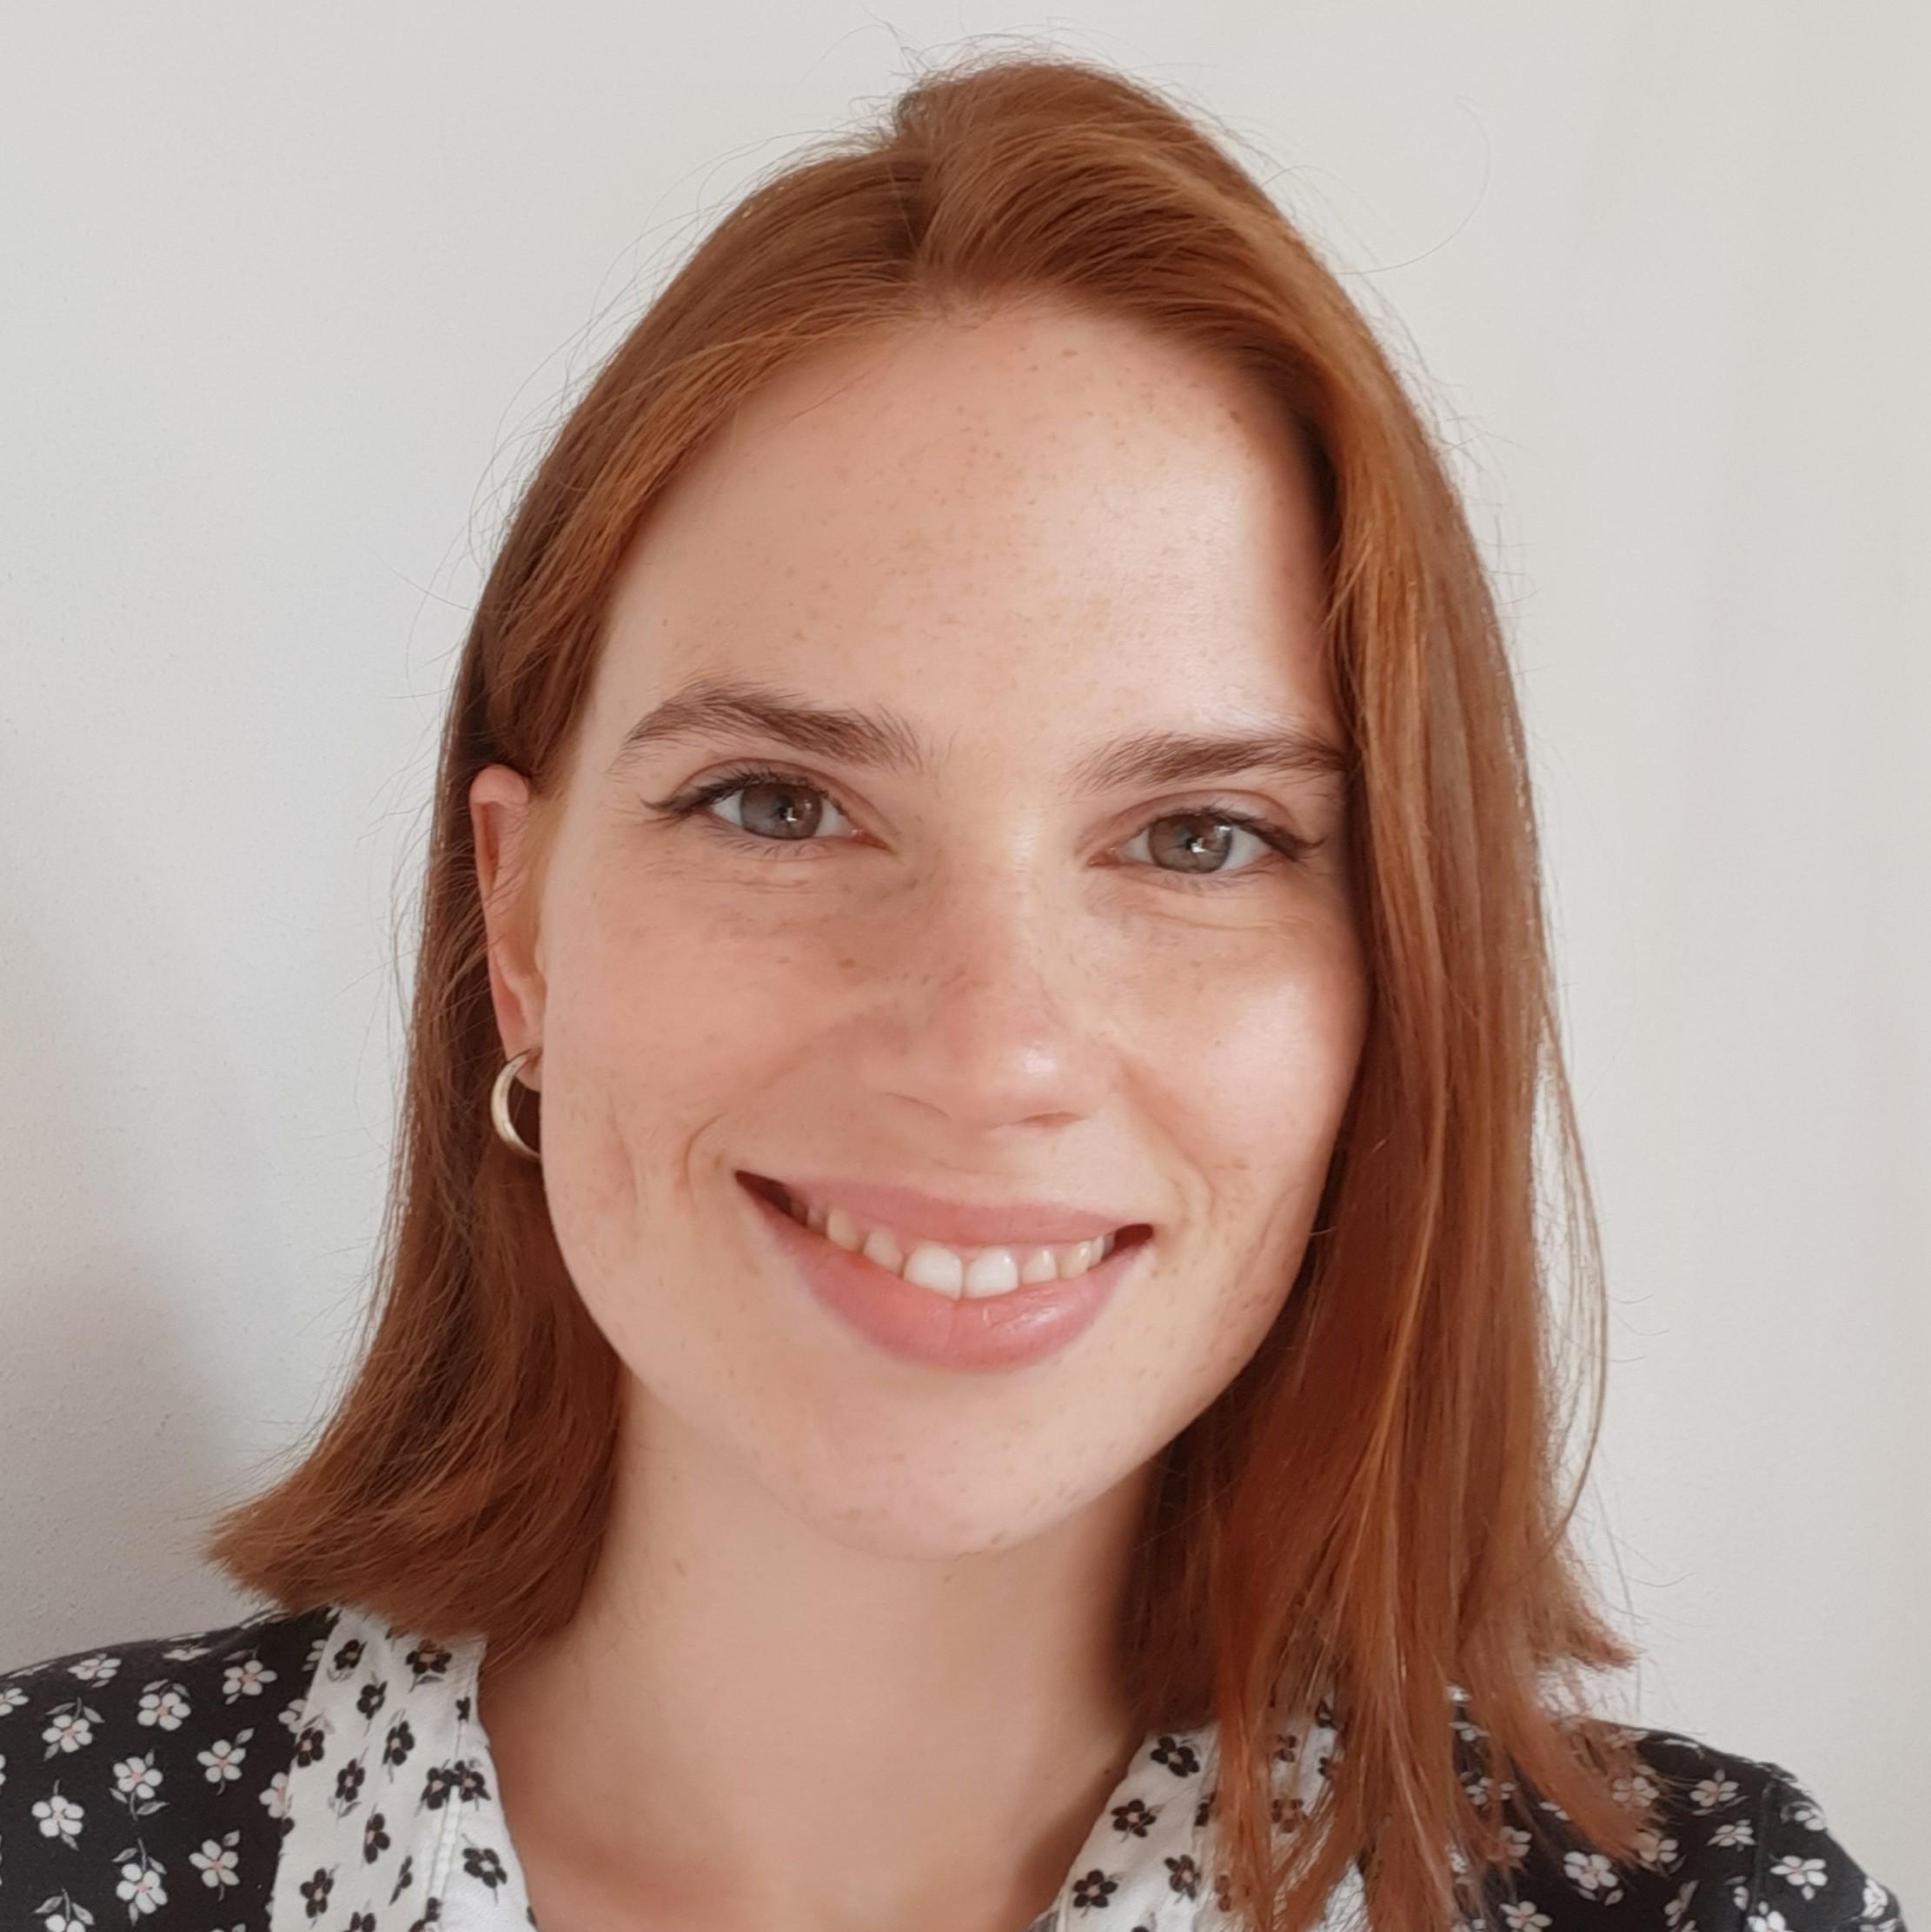 Kristyna Steflova